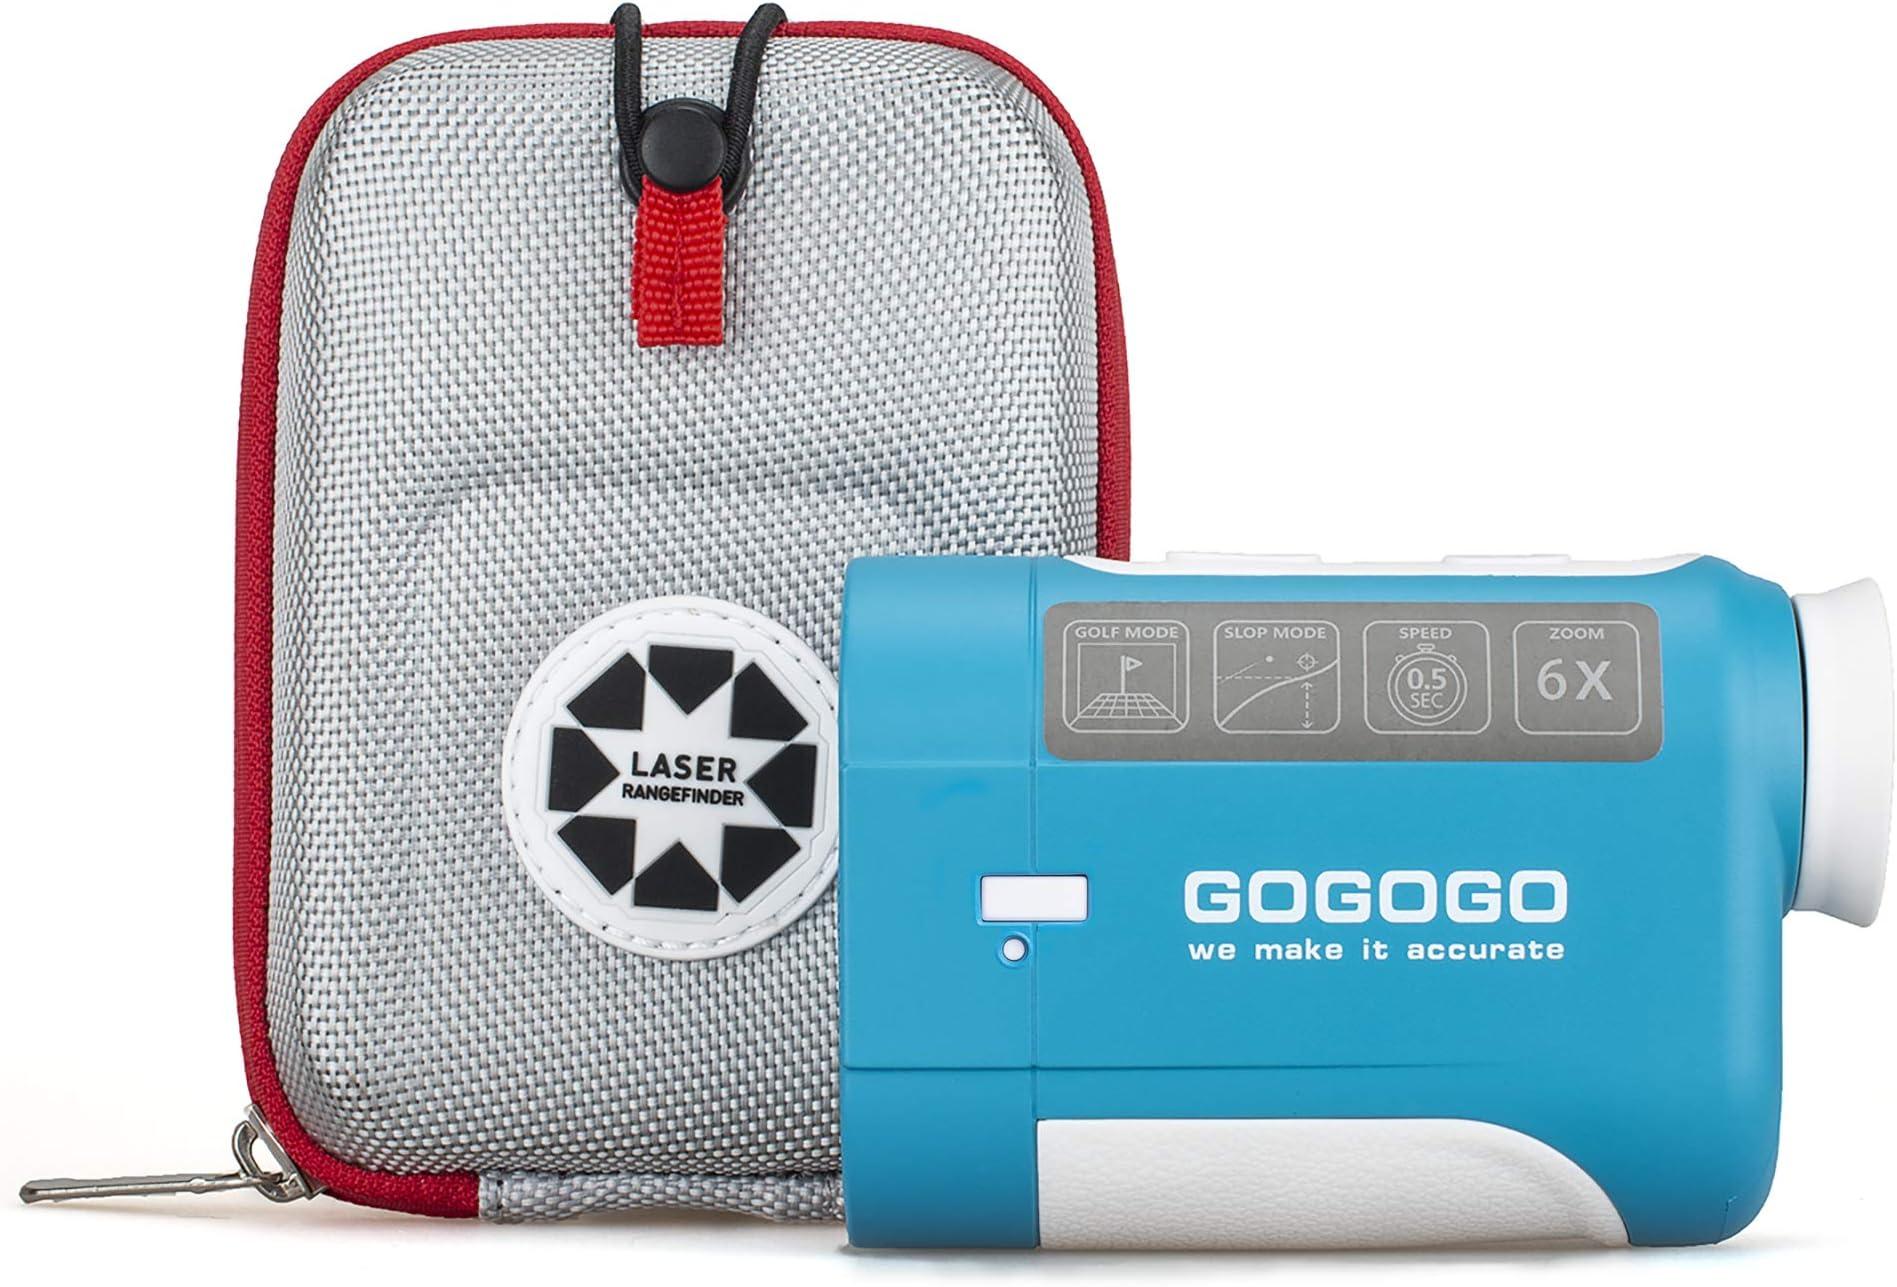 Gogogo Sport Vpro Laser Rangefinder, Golf & Hunting Range Finder with Slope, Pinsensor - Flag-Lock, 650Y/900Y Golfing Distance Measure